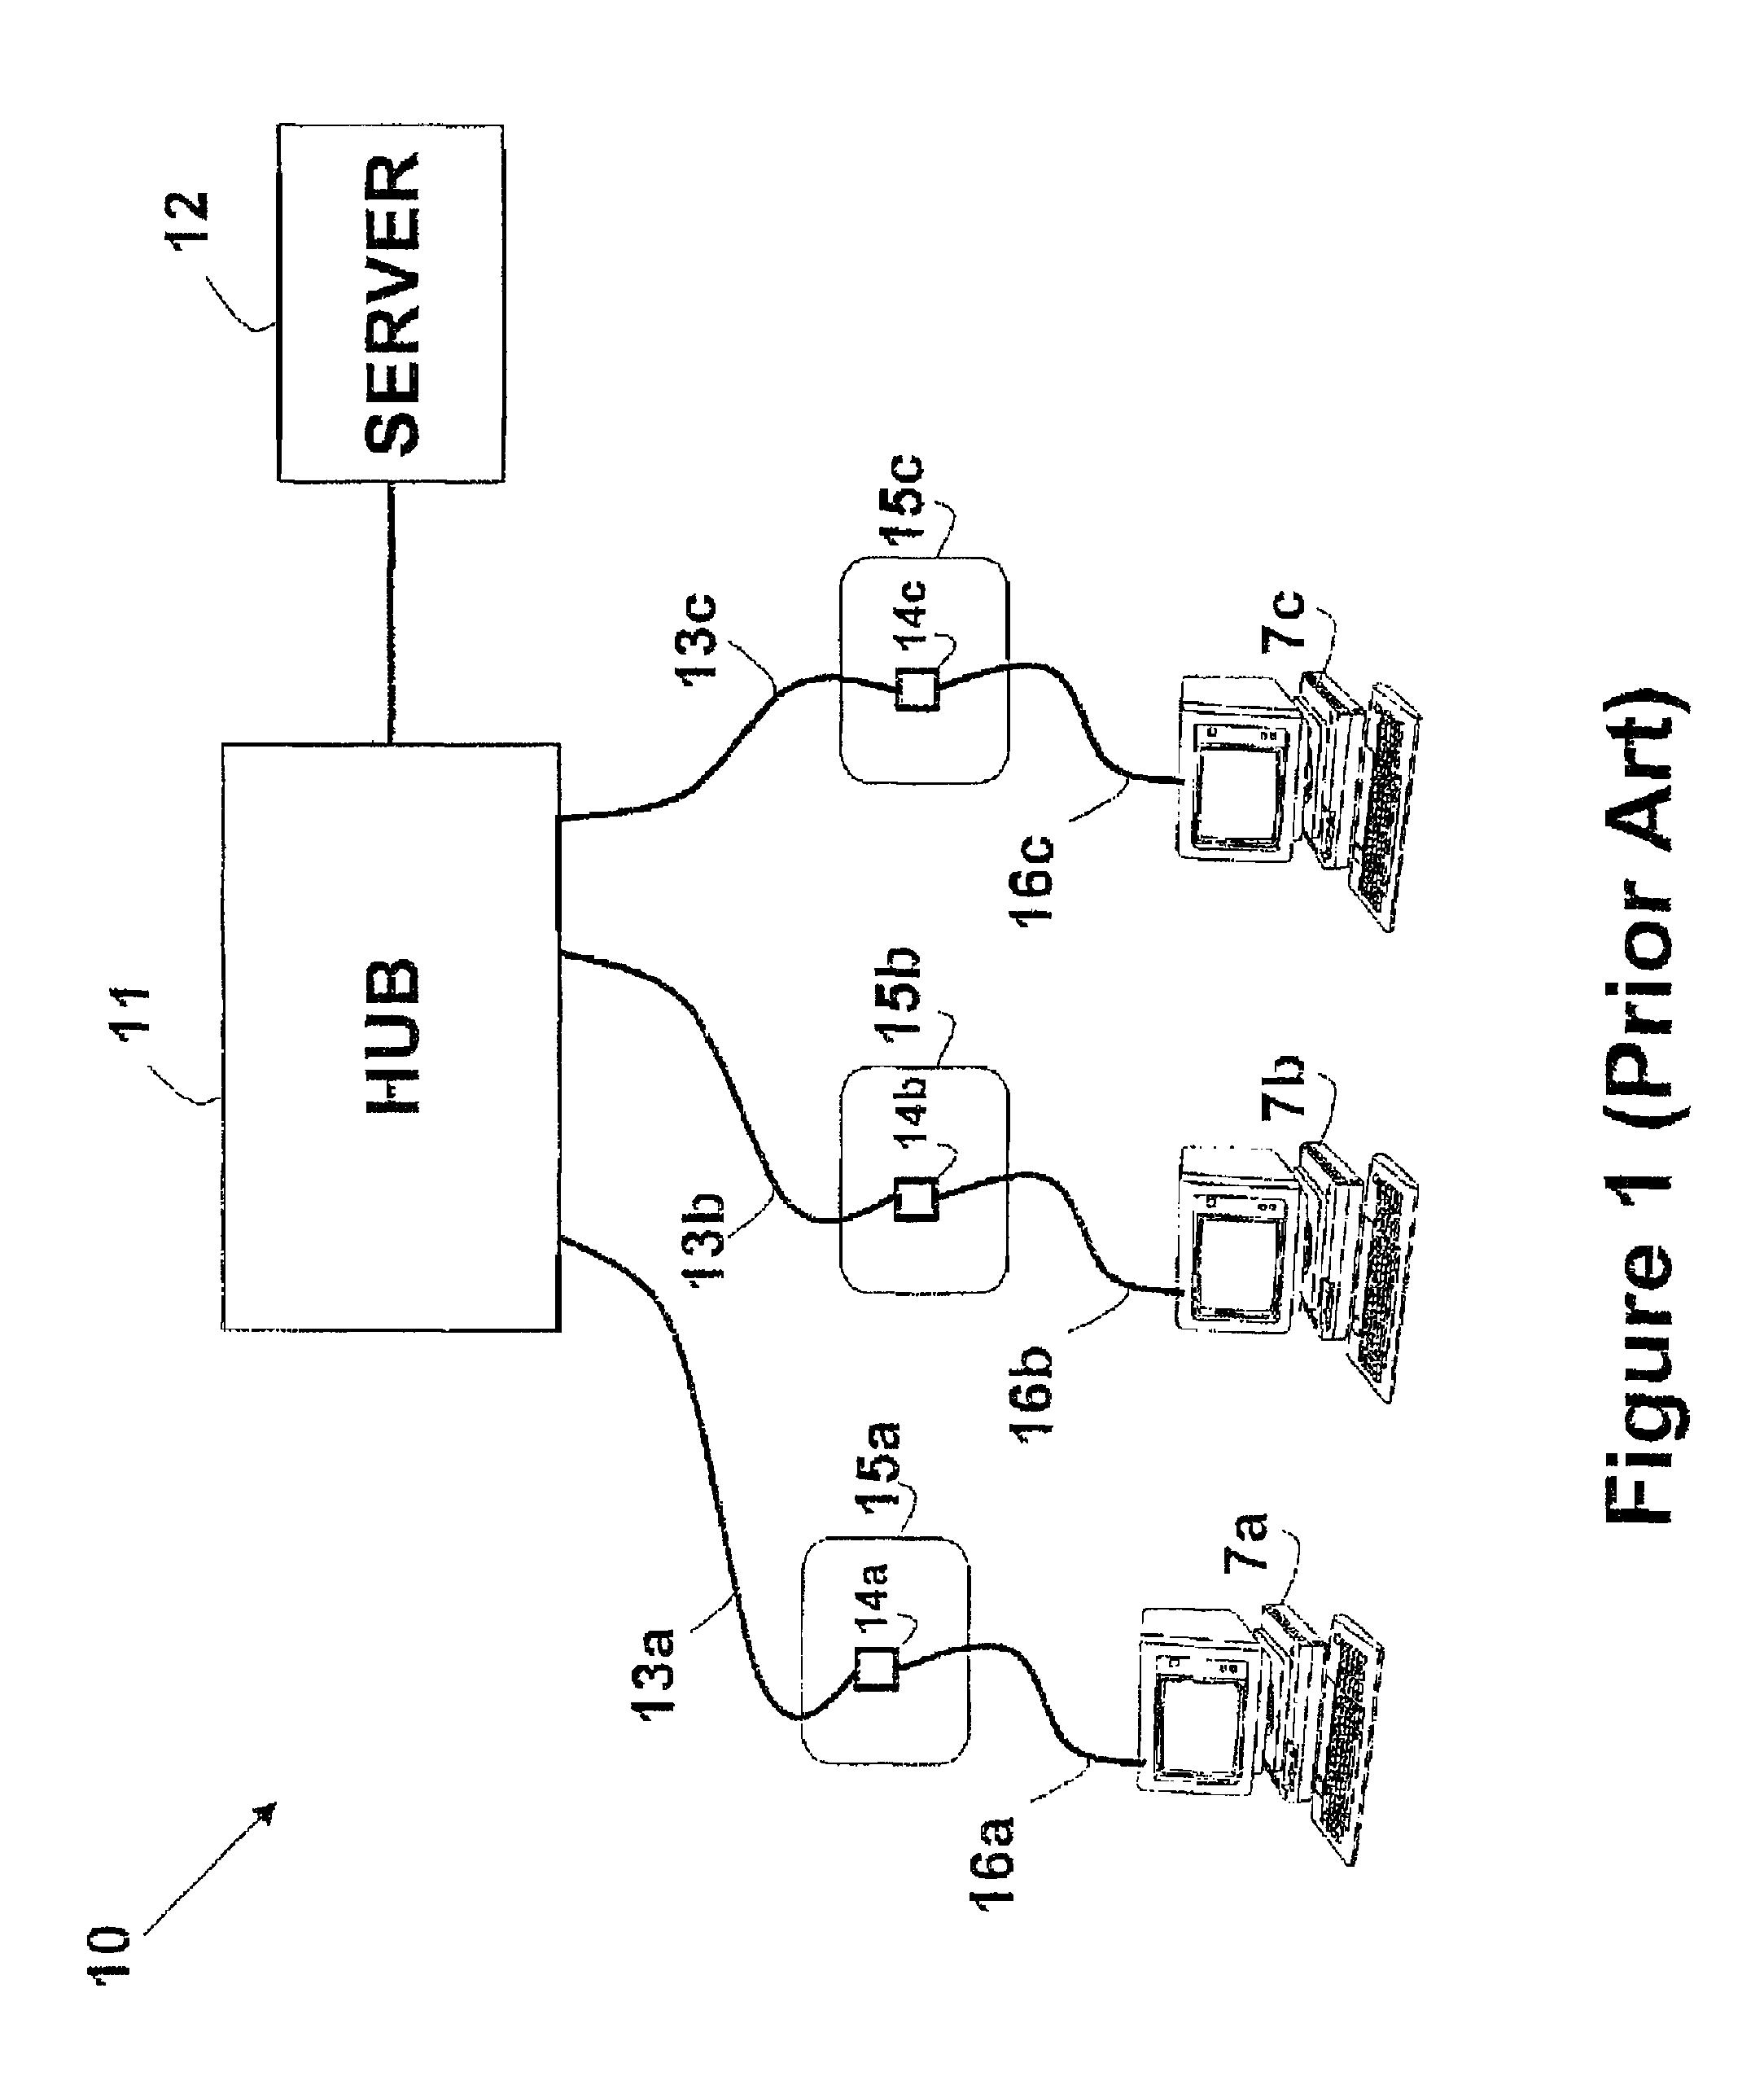 patent us7911992